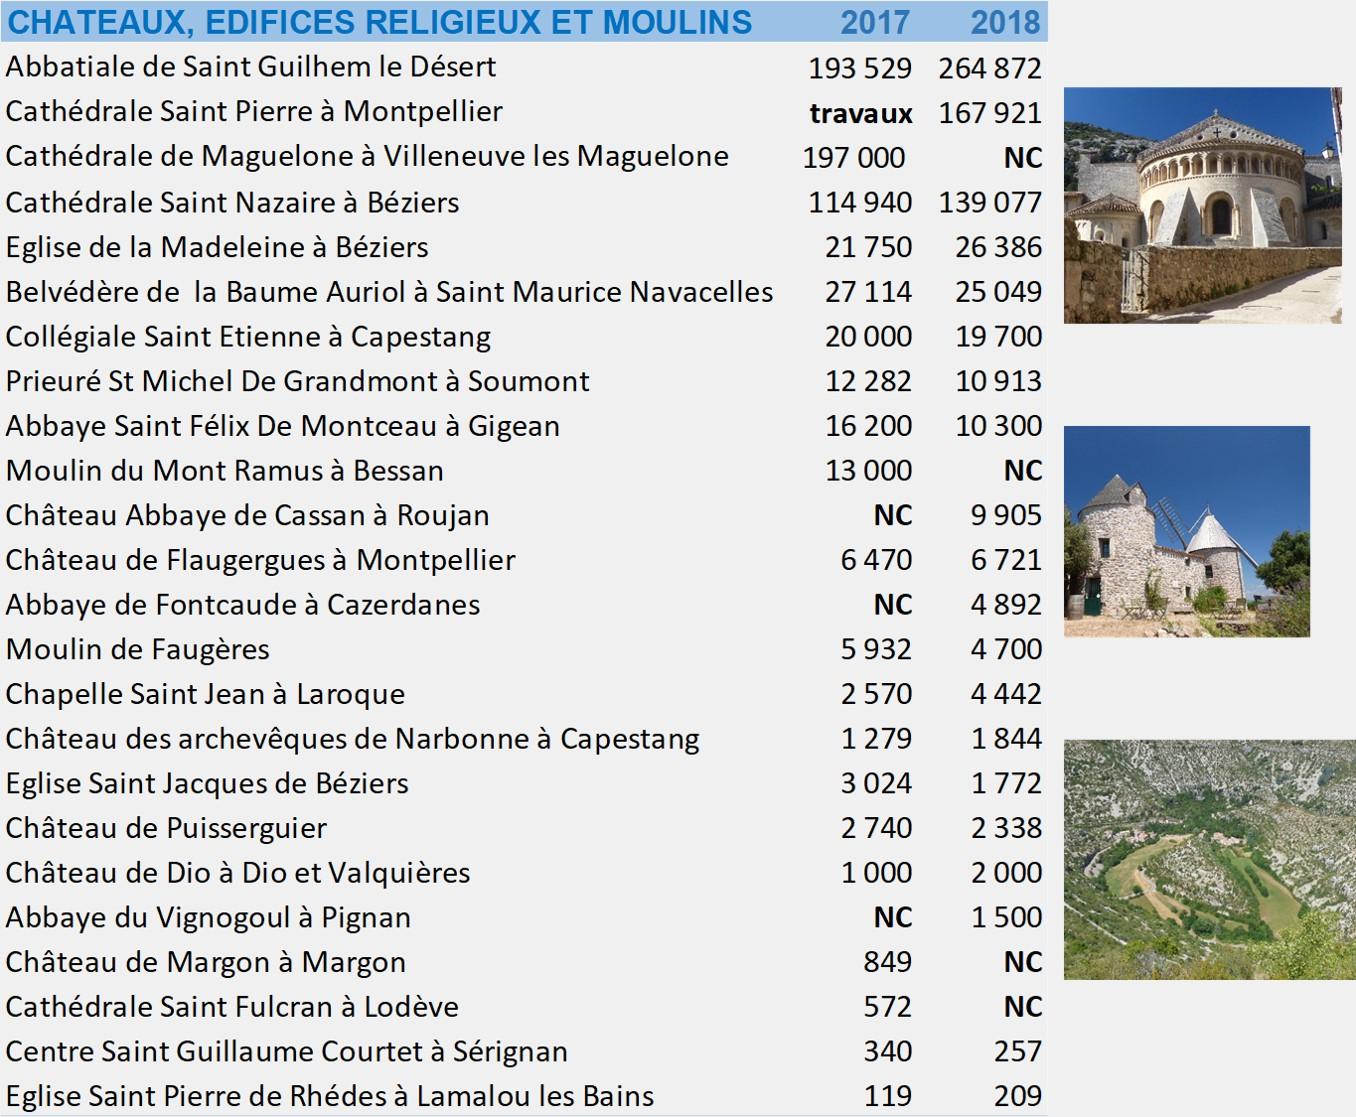 chateaux edifices religieux et moulins v2.jpg